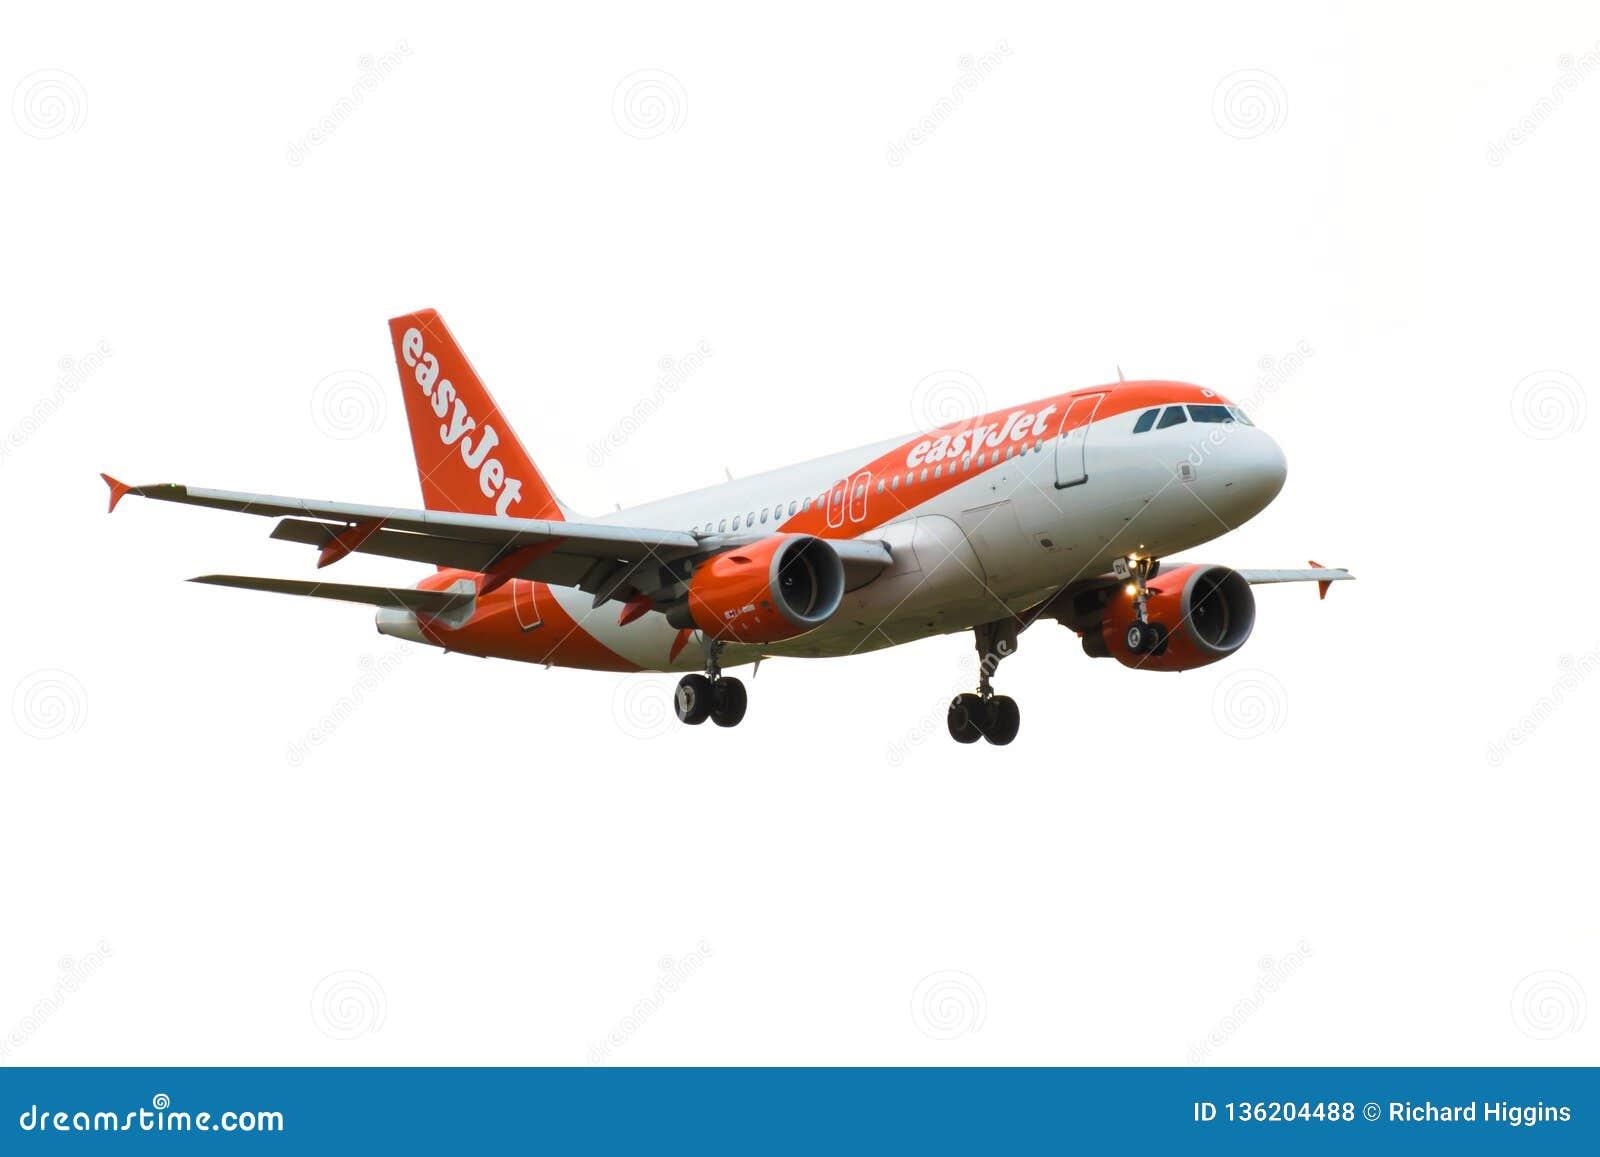 Um plano de Airbus A319-100 das linhas aéreas do easyJet entra aterrar no aeroporto de Londres Gatwick Isolado em um fundo branco